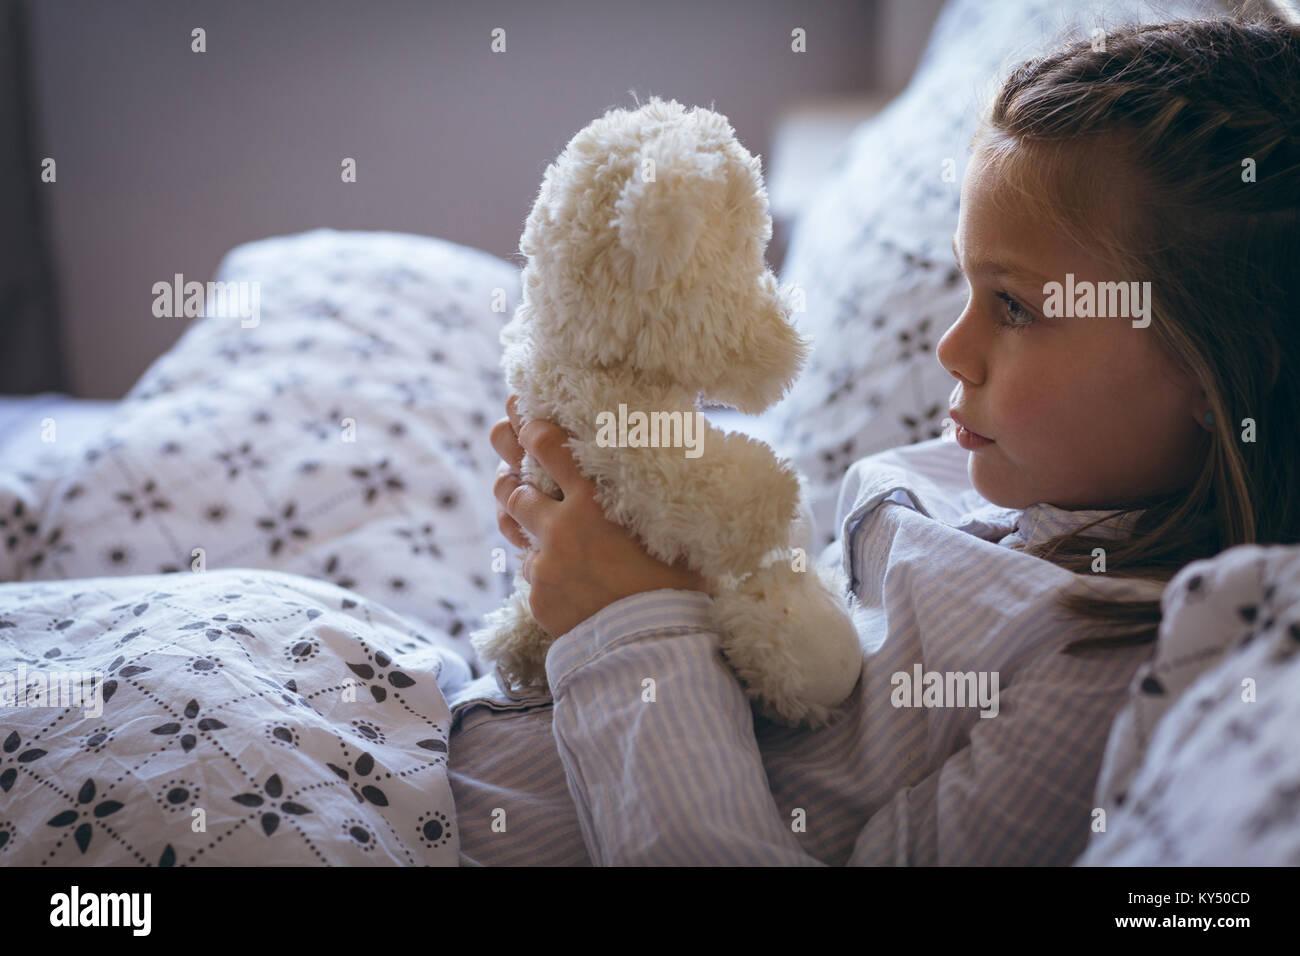 Mädchen mit Teddybär auf Bett Stockbild